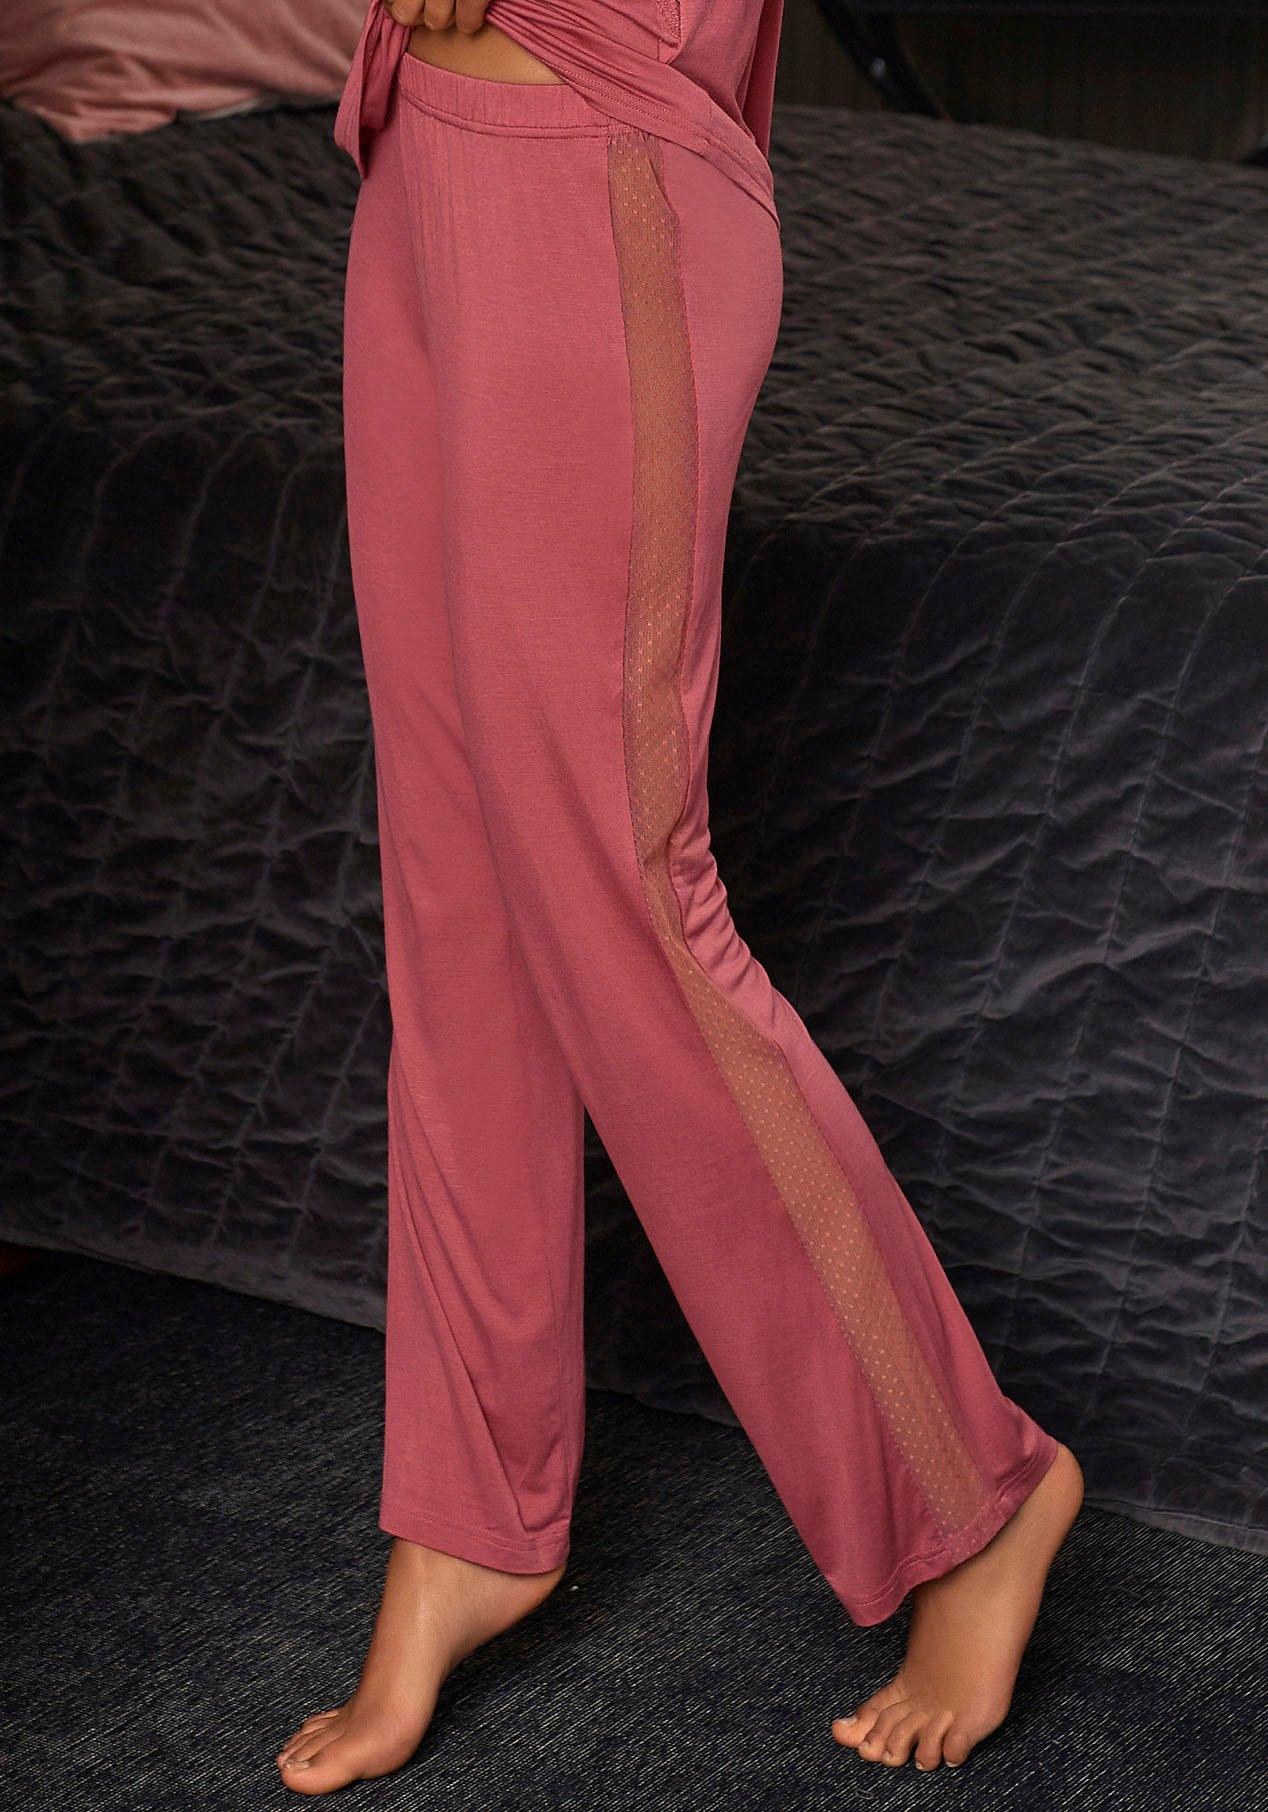 Op zoek naar een LASCANA pyjamabroek? Koop online bij Lascana